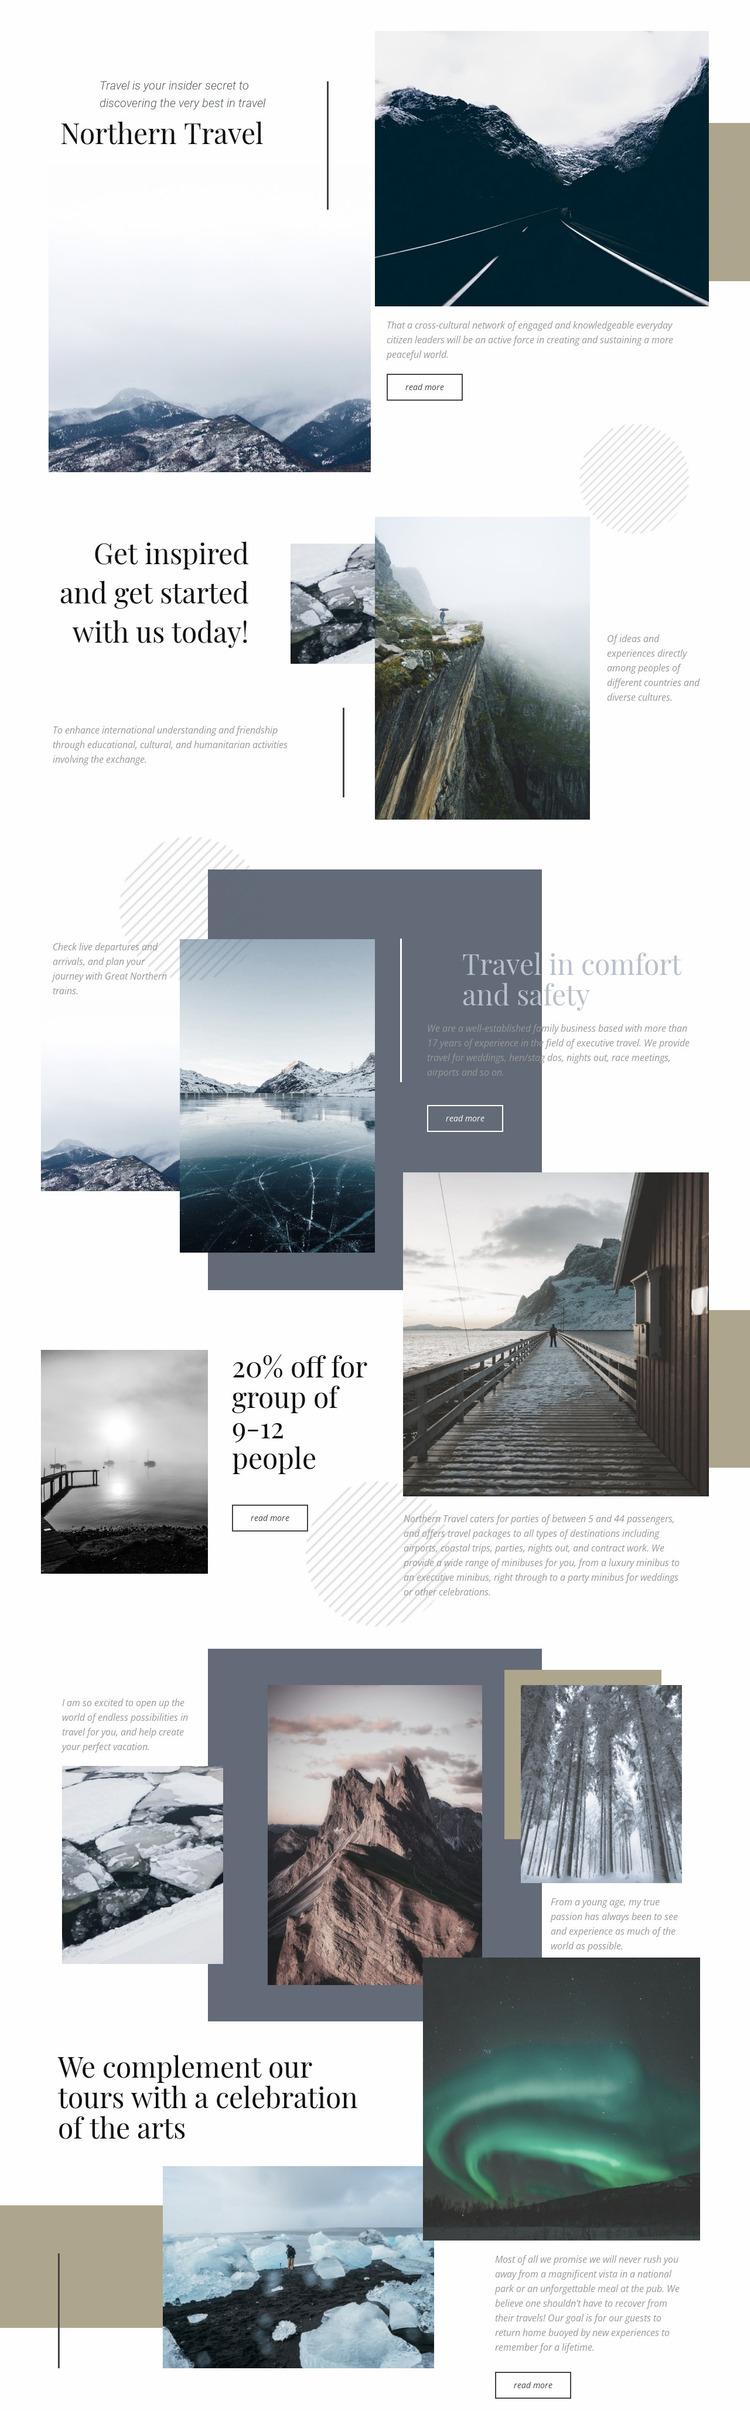 Northern Travel Website Mockup